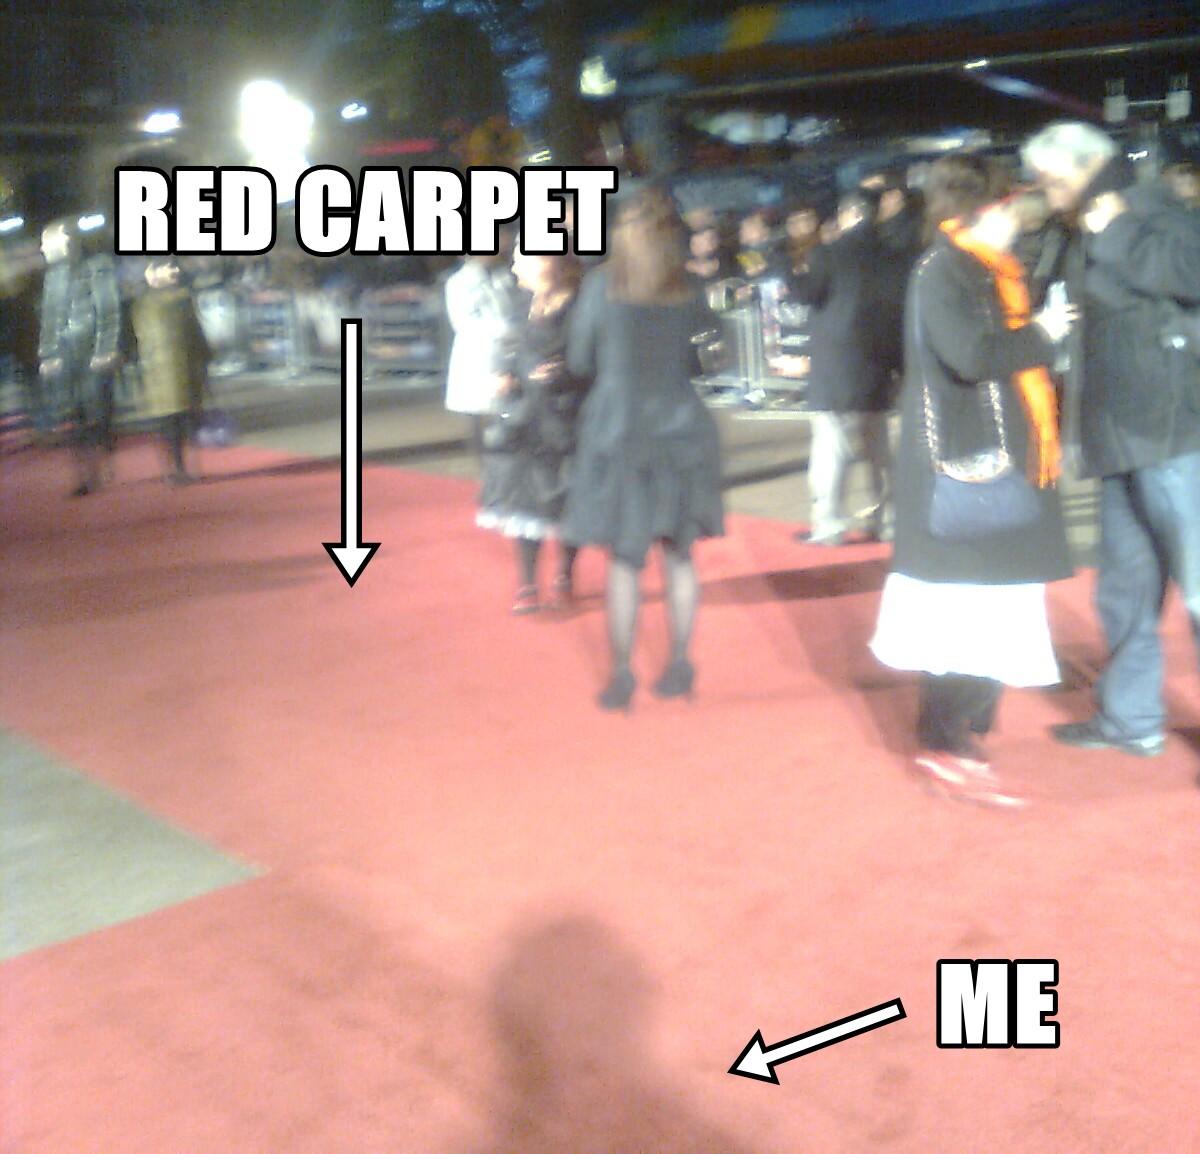 http://1.bp.blogspot.com/_0RTpo3B1zMk/TMjbupAT2VI/AAAAAAAAAsk/hQdzgsjqSIk/s1600/red-carpet-kings-speech-premiere-me.jpg